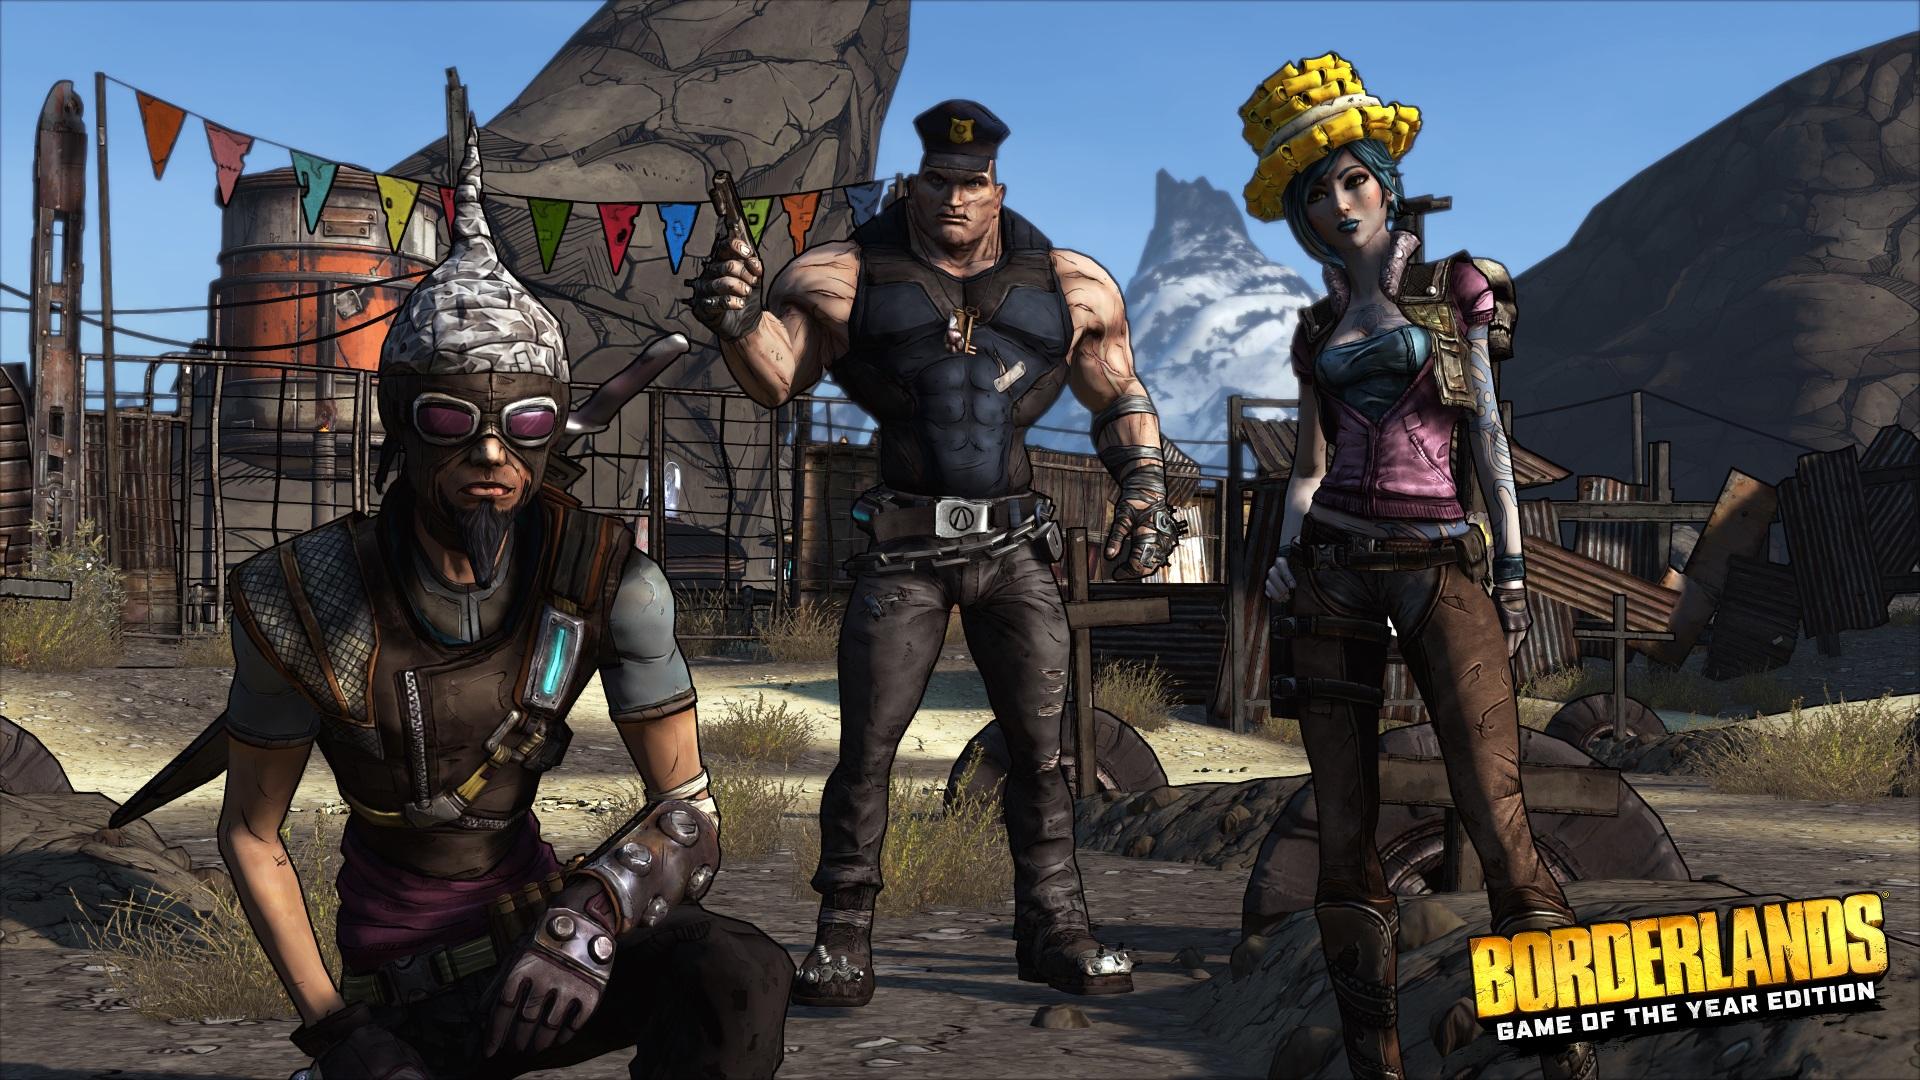 Die Borderlands GOTY Enhanced-Edition bietet auch neue Köpfe der Charaktere.